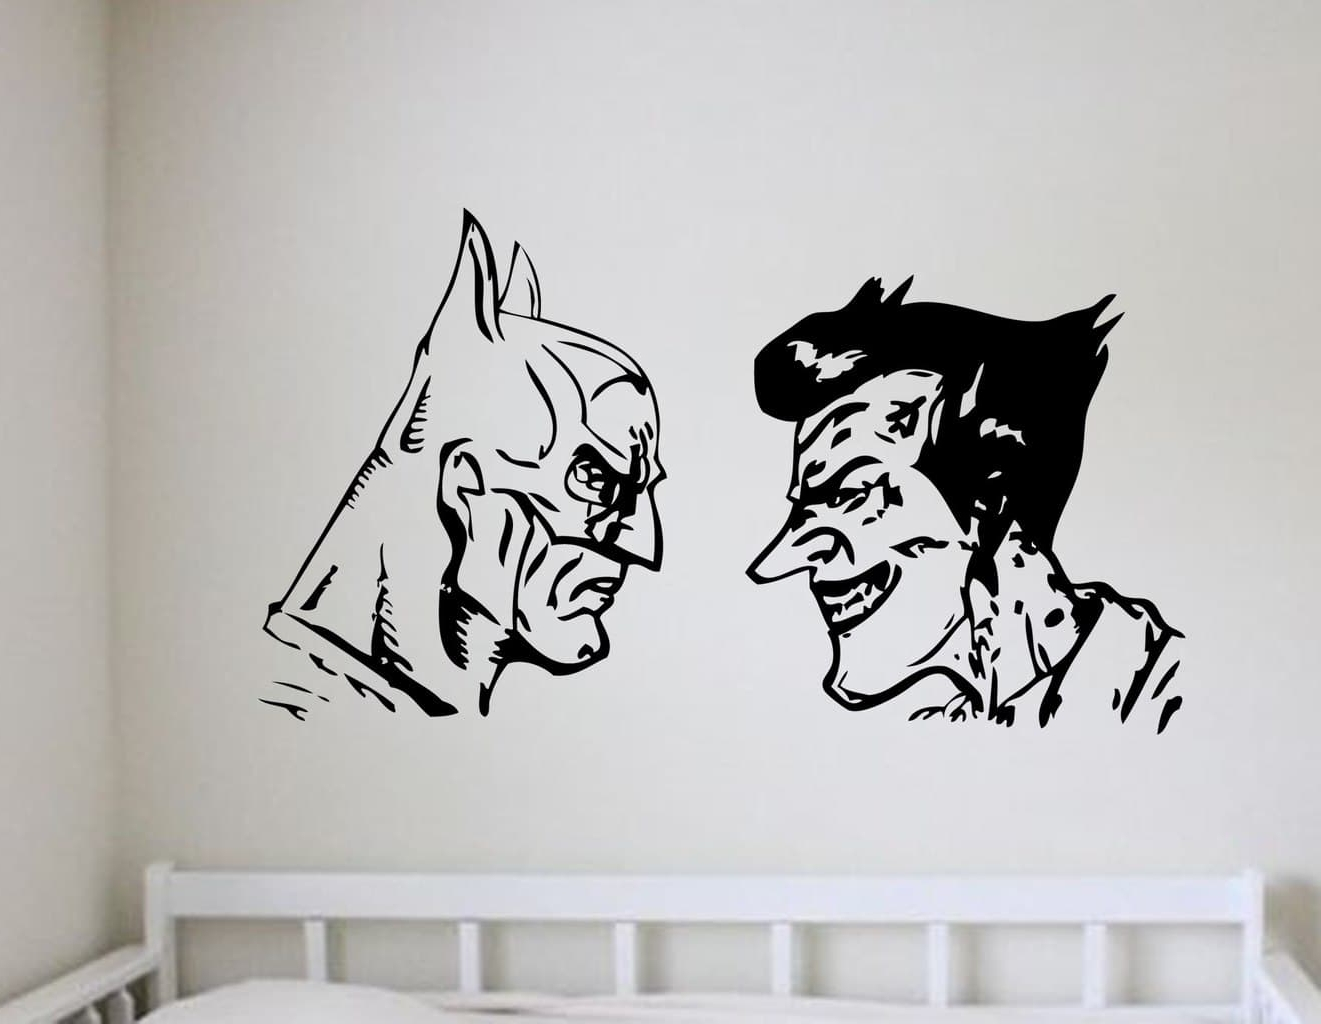 Wall Art For Batman Wall Art (View 3 of 15)